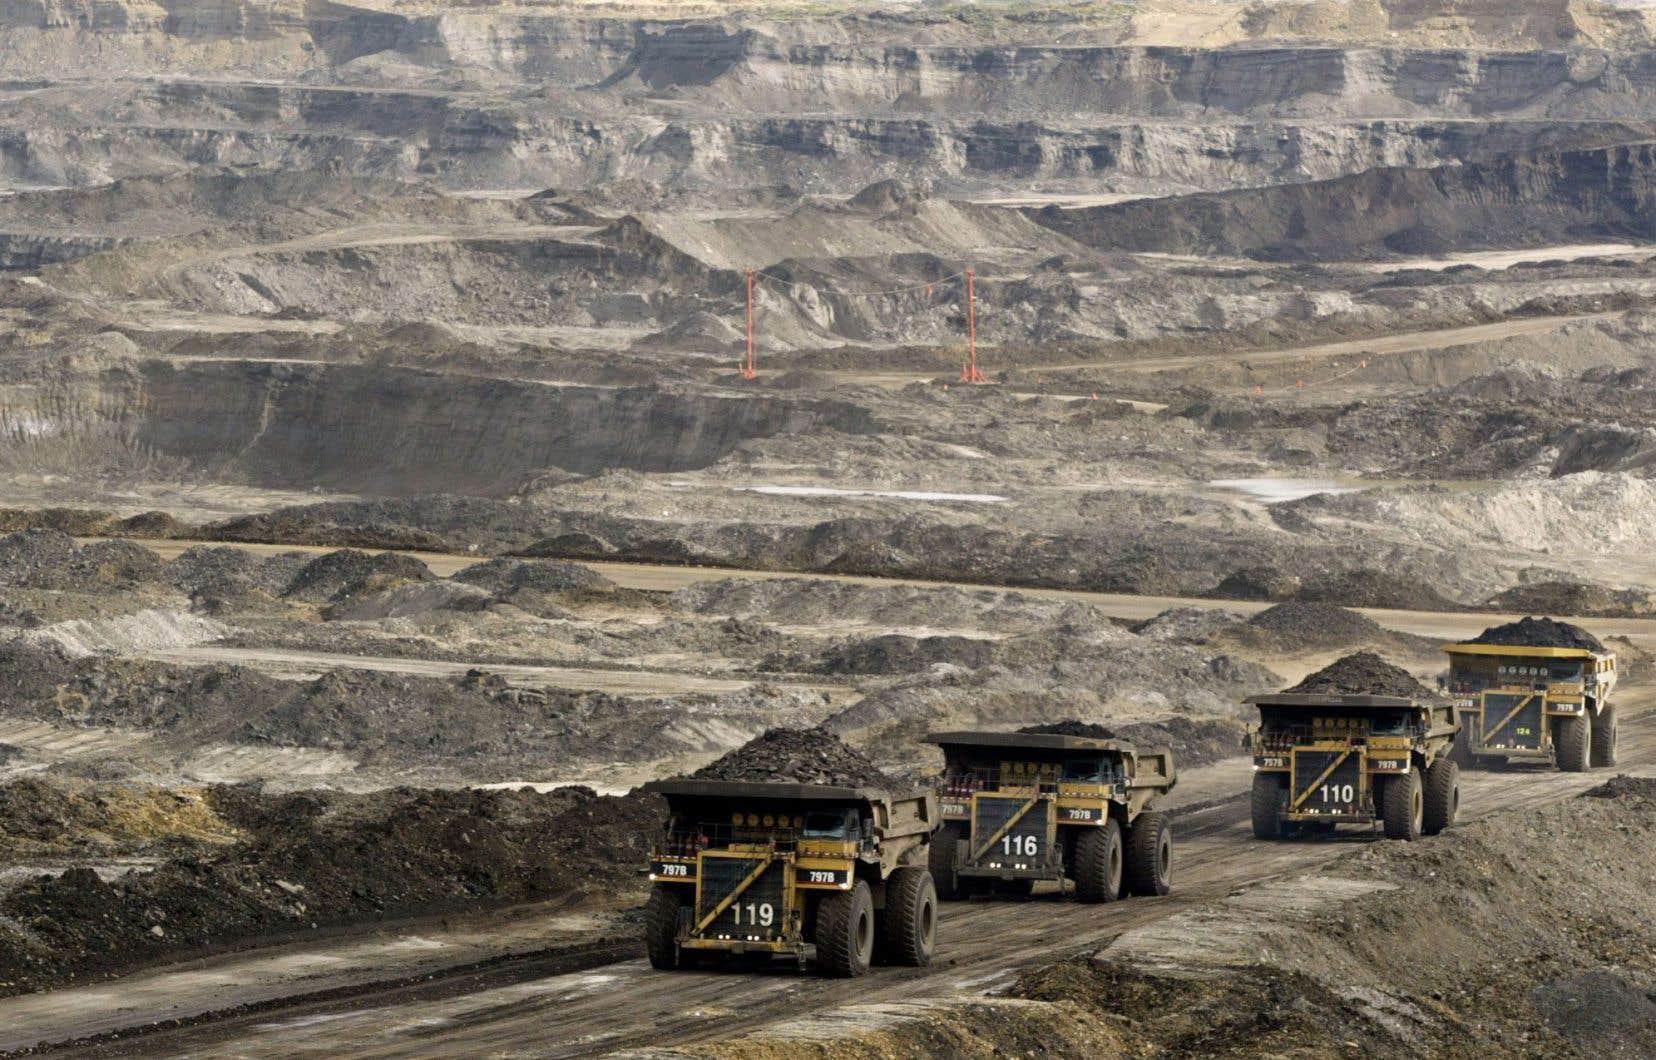 Cette croissance s'expliquerait principalement par une hausse de la production des sables bitumineux à 4,2 millions de barils par jour.